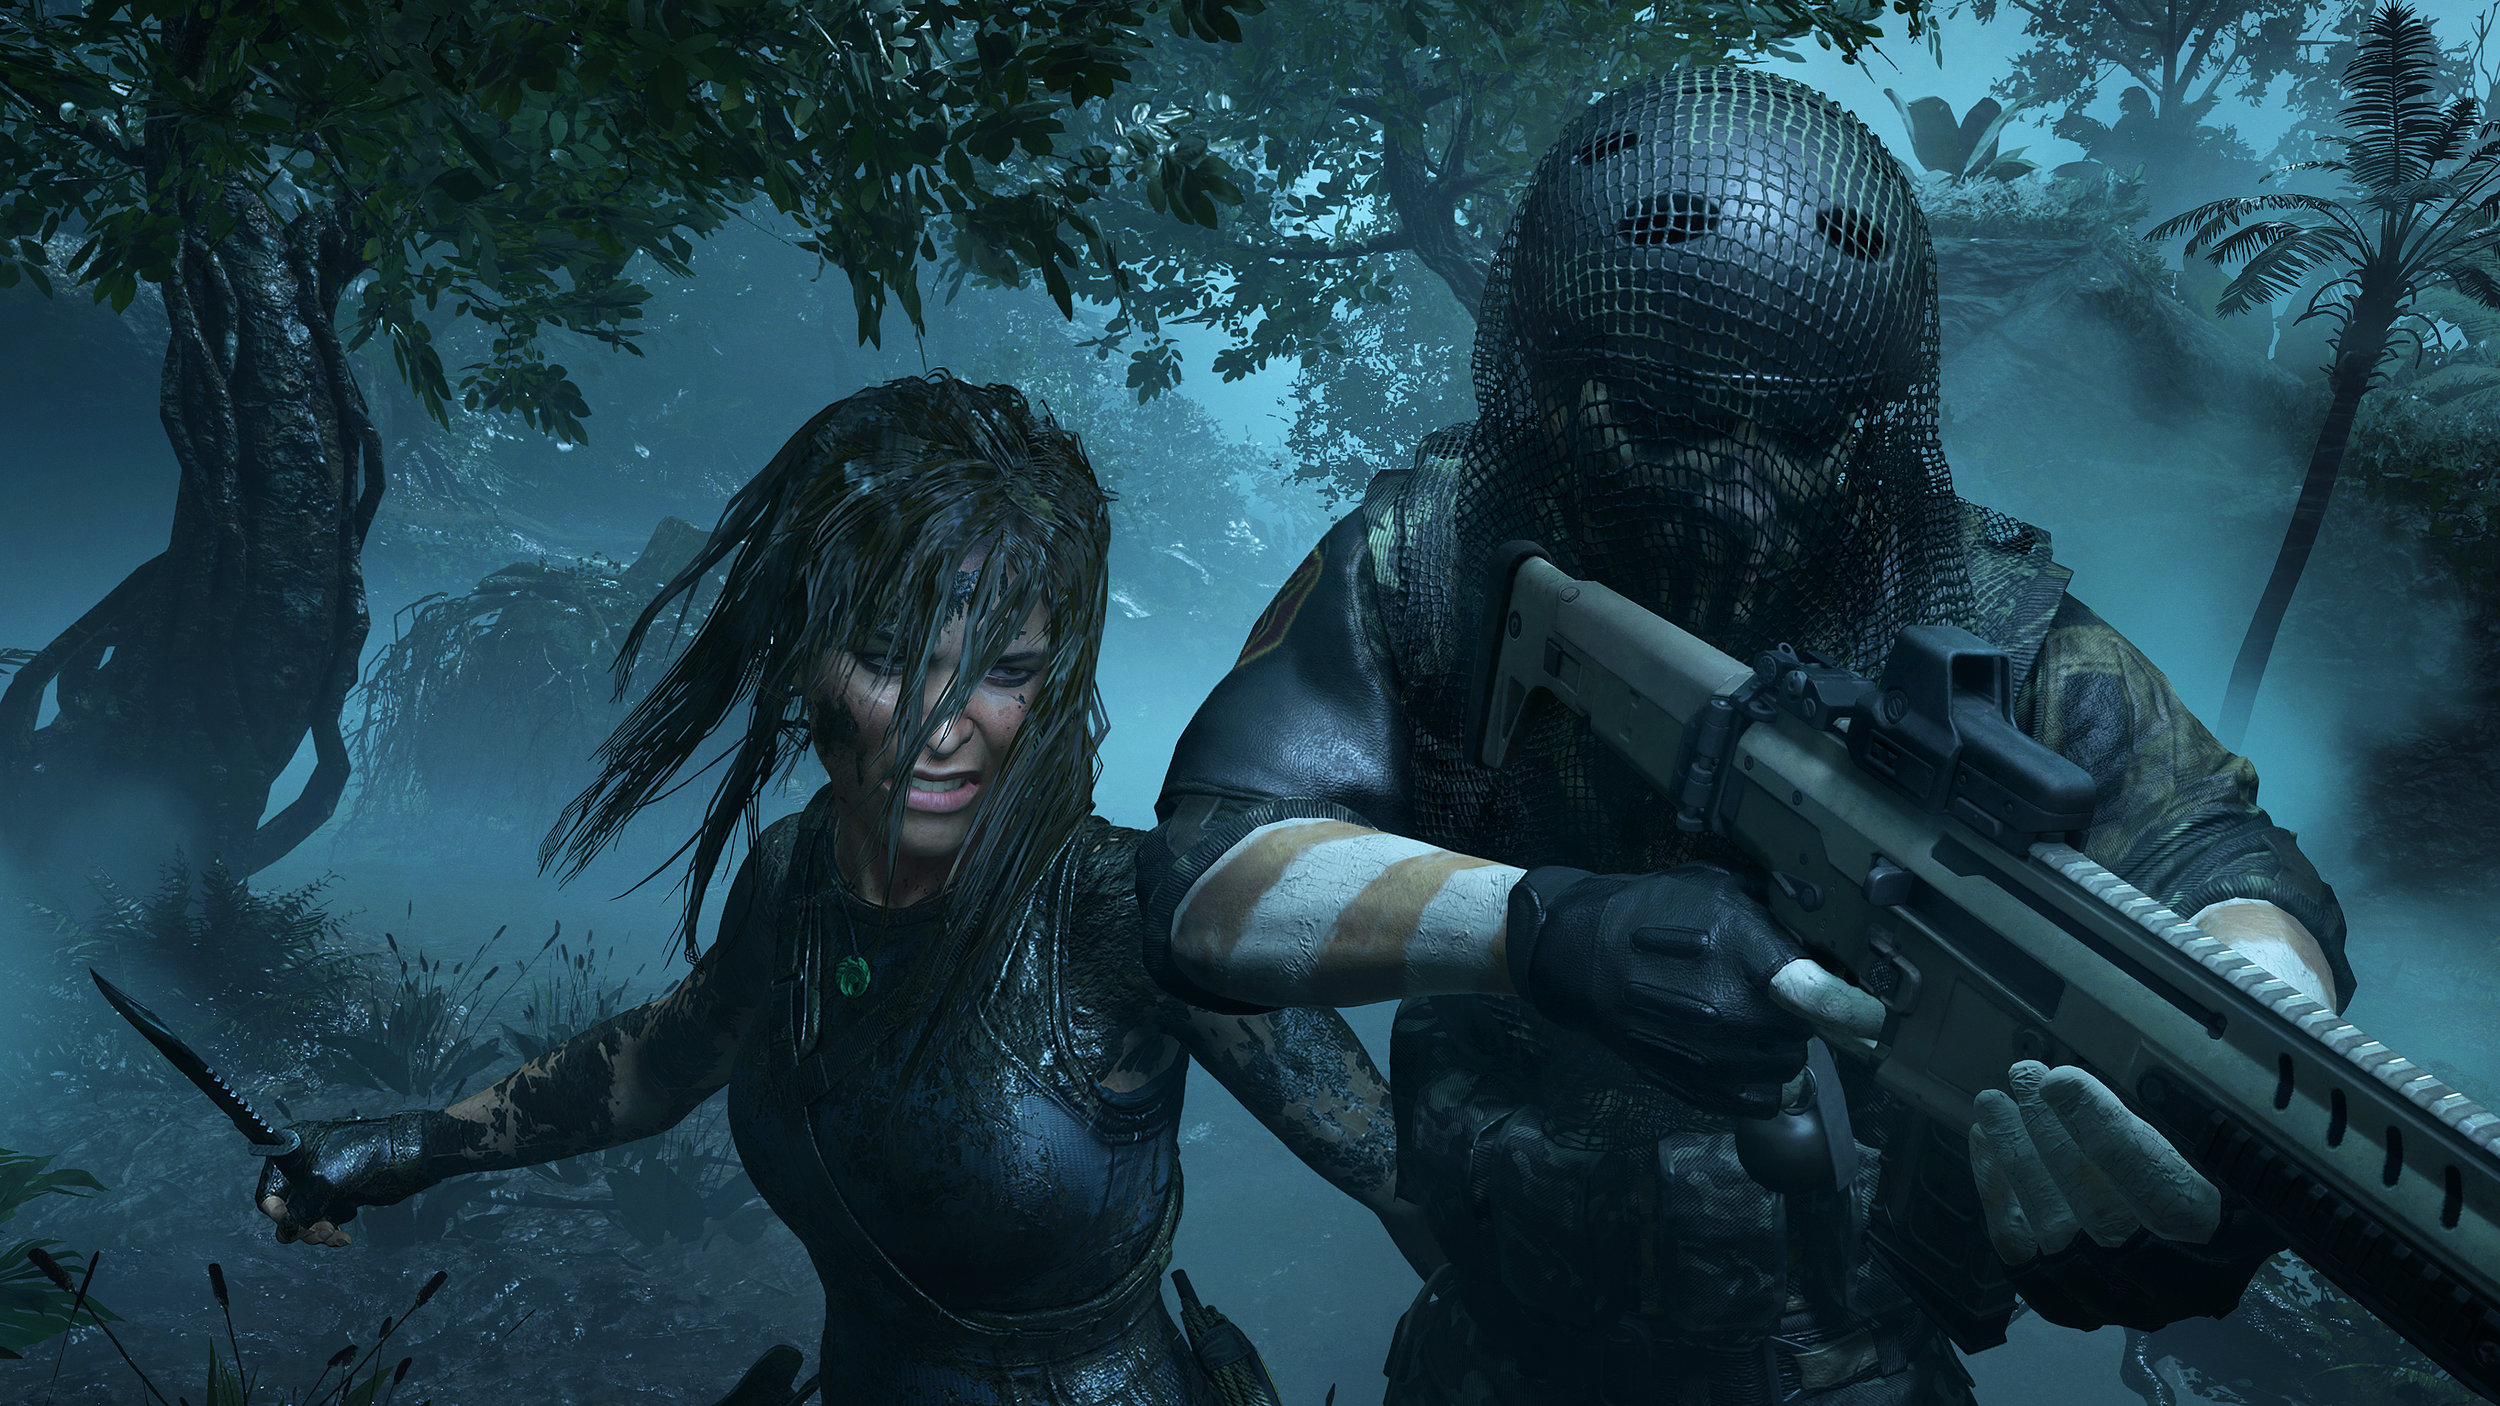 On le voit sur son visage, Lara tue par plaisir maintenant.